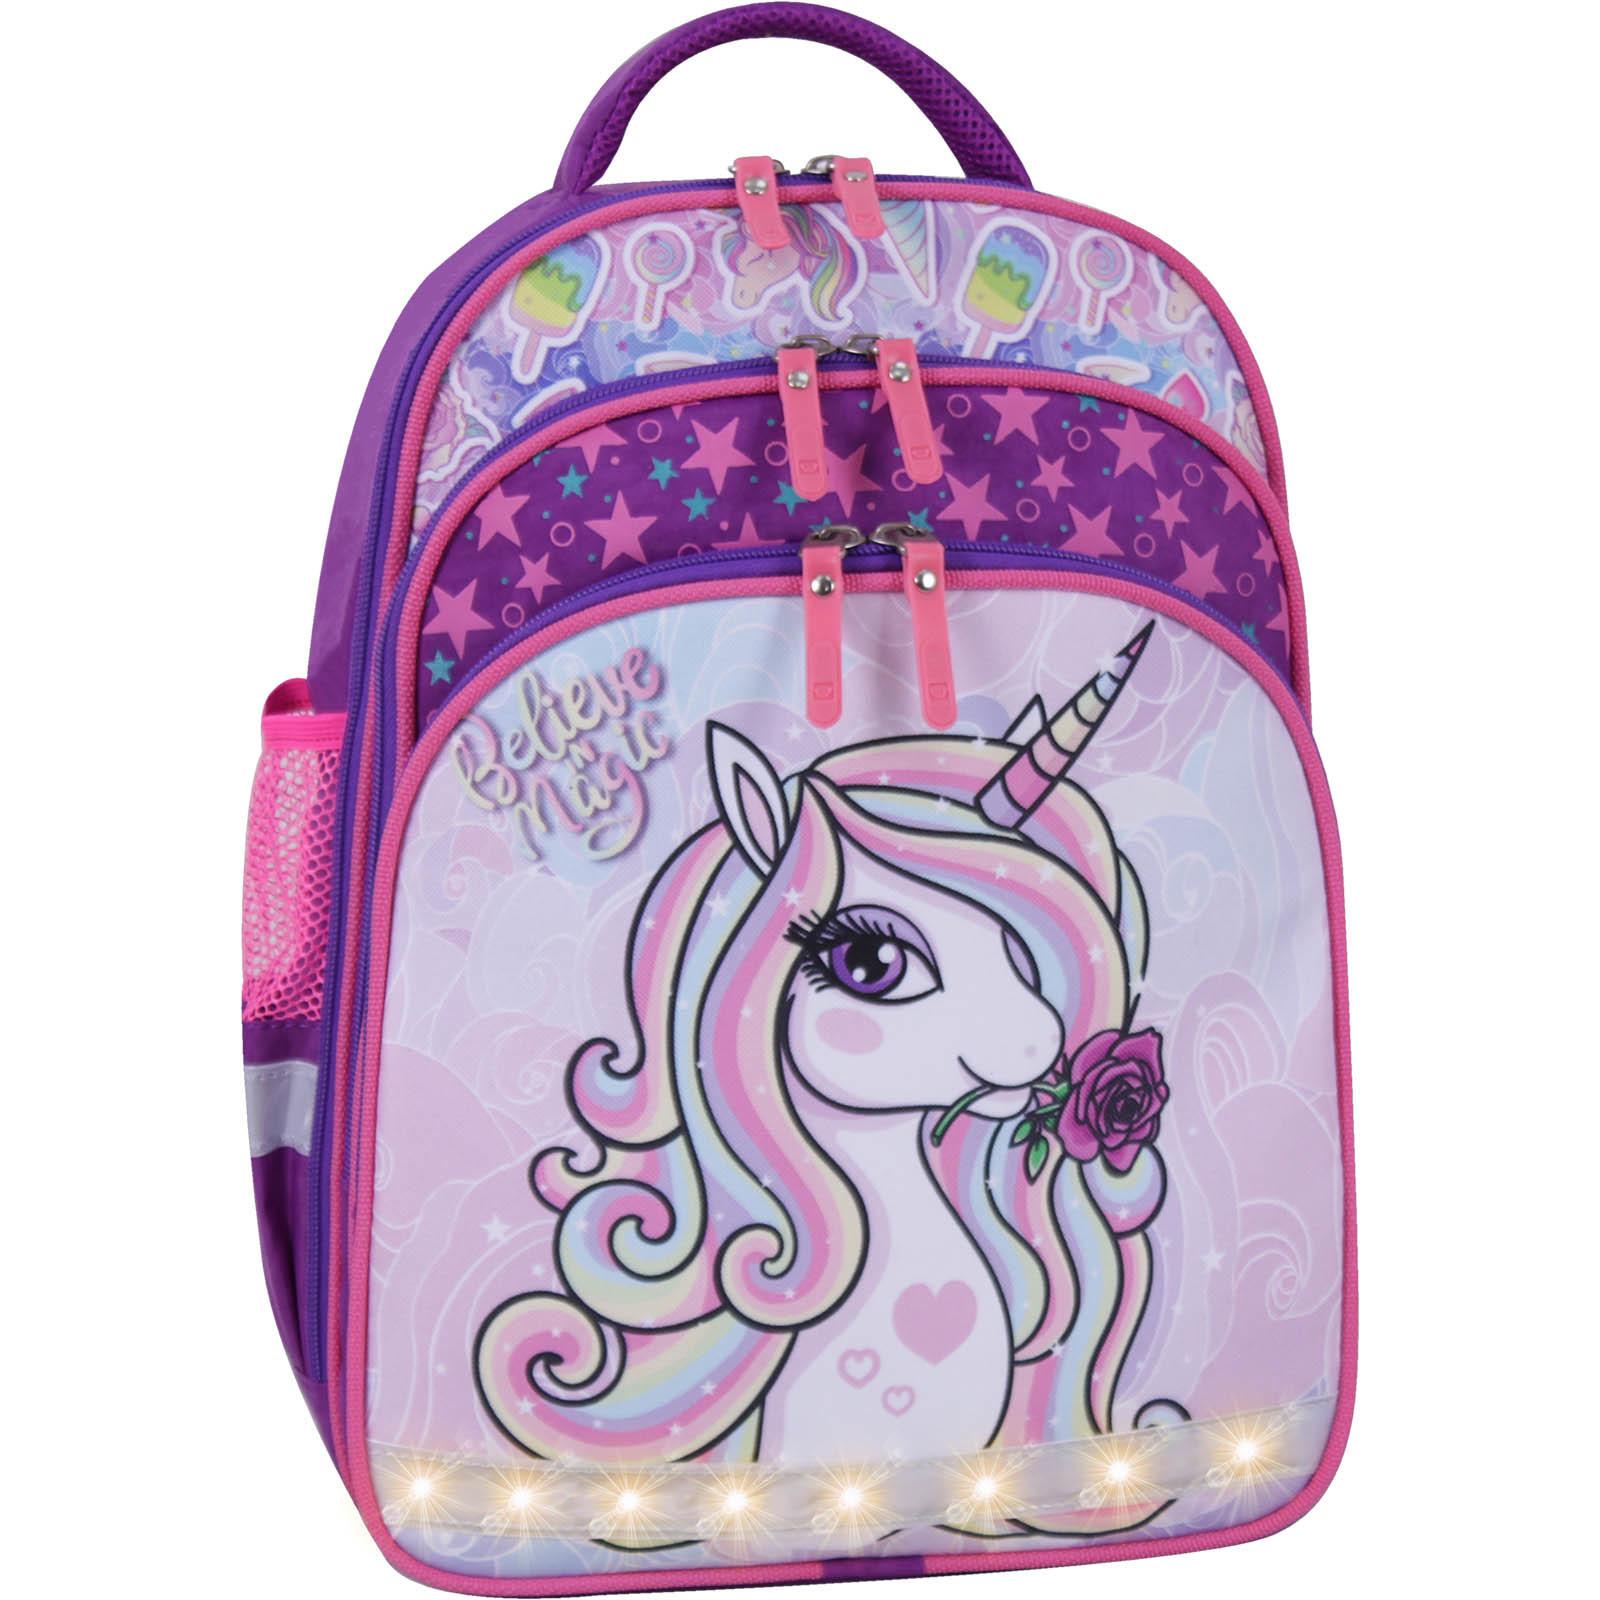 Для детей Рюкзак школьный Bagland Mouse фиолетовый 678 (00513702) IMG_2453_суб.678__свет-1600.jpg